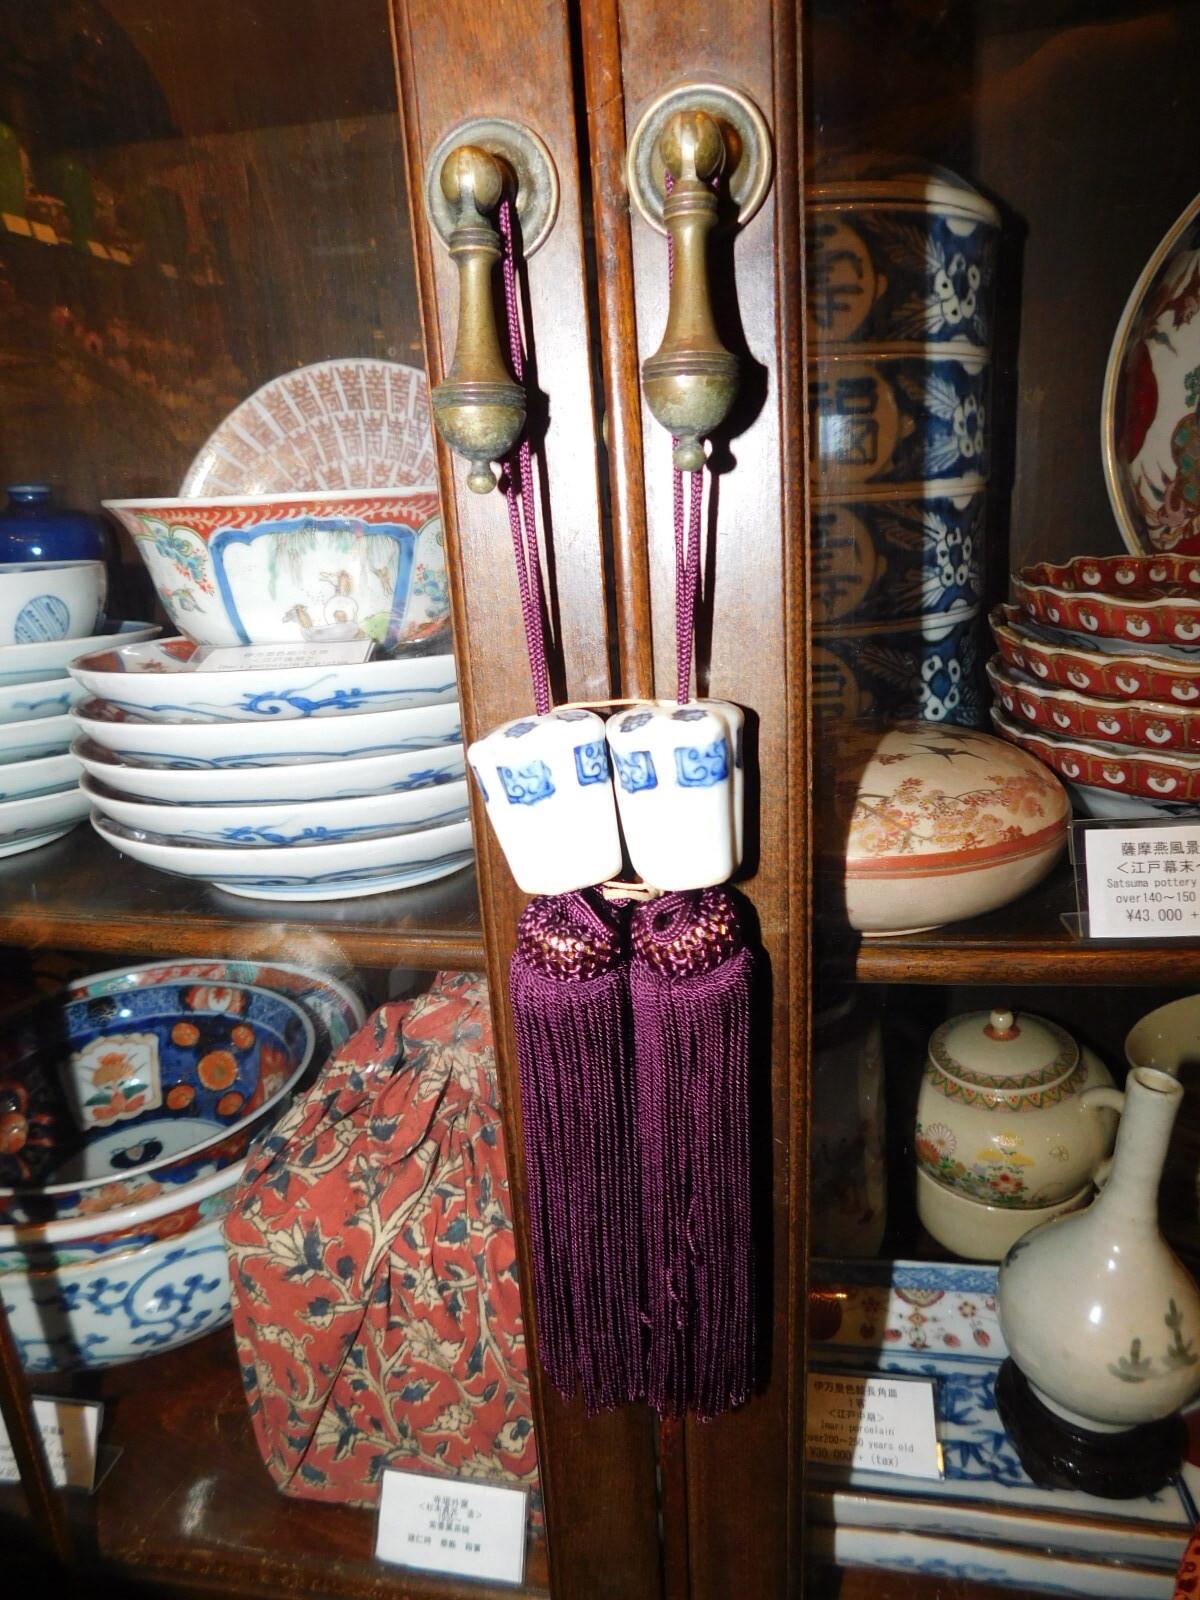 染付陶磁器風鎮 blue &white porcelain for hanging-scroll weight